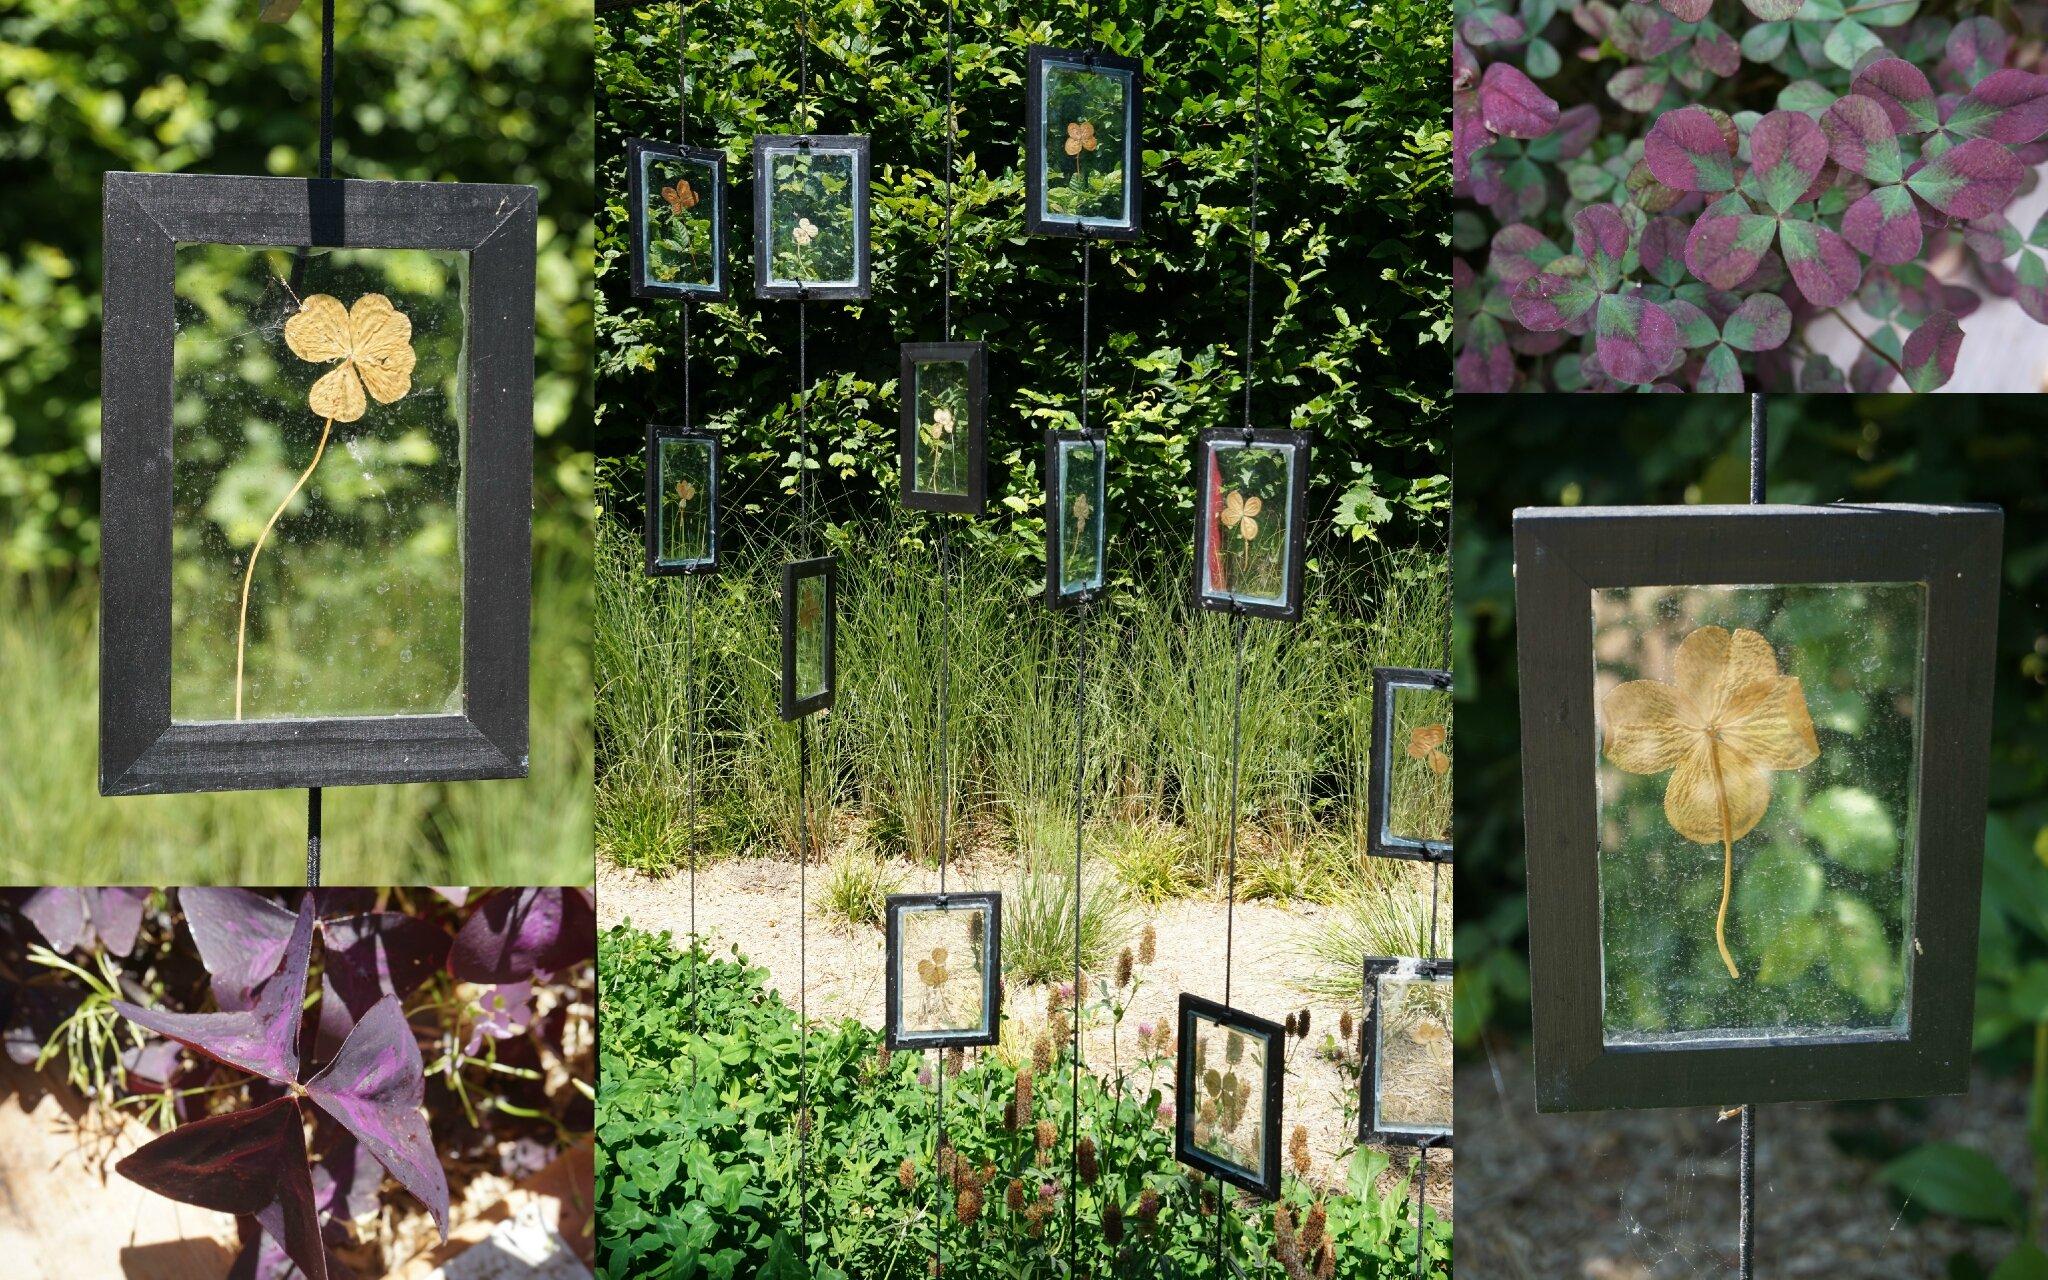 Festival international des jardins chaumont sur loire for Jardin de chaumont 2015 tarif